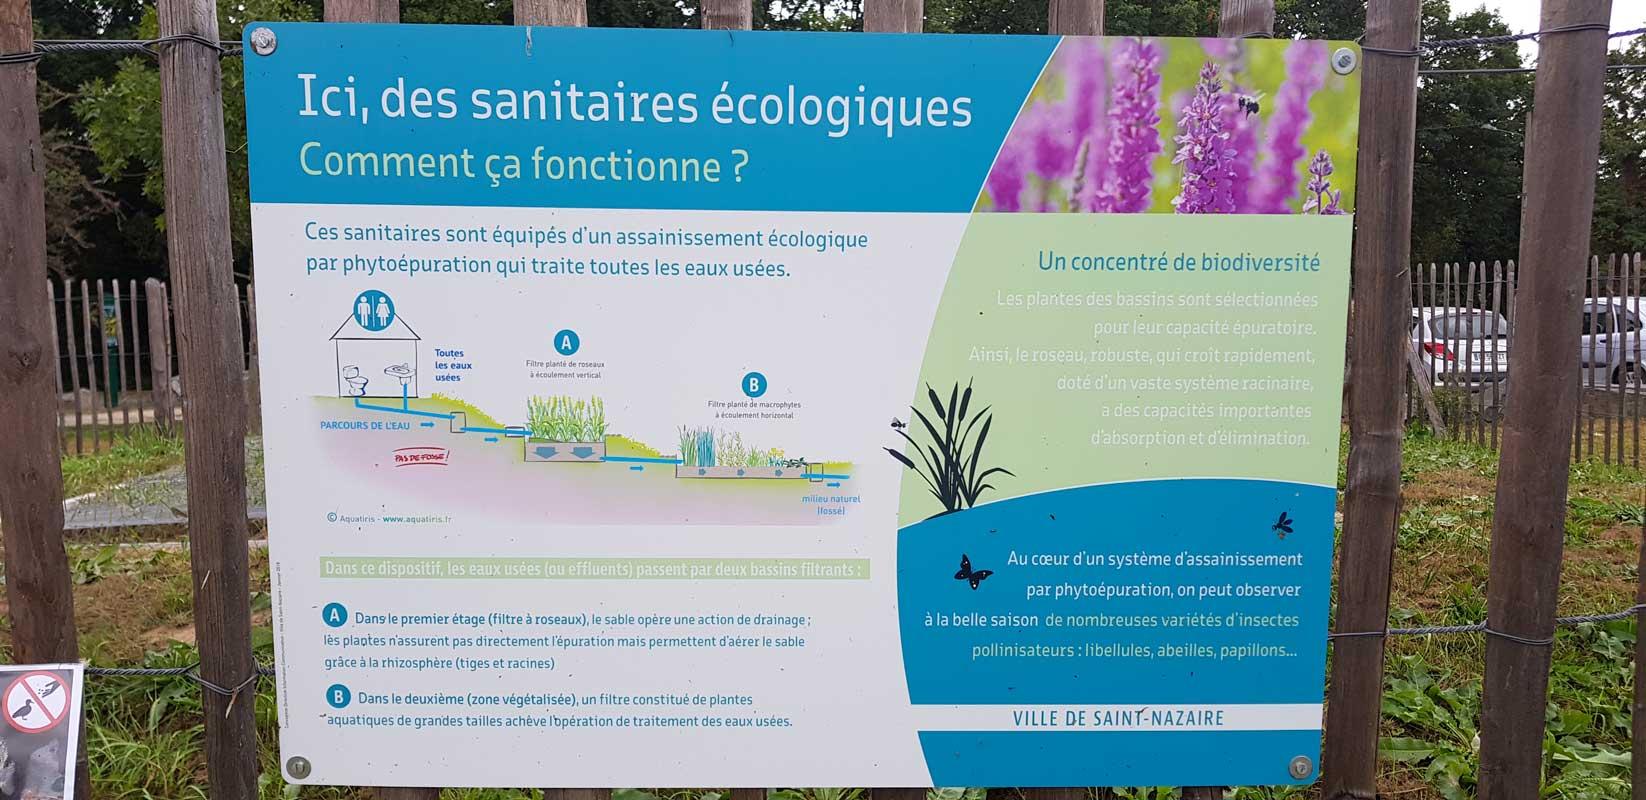 eaux-superficielles-usees-sanitaires-ecologiques©calligee